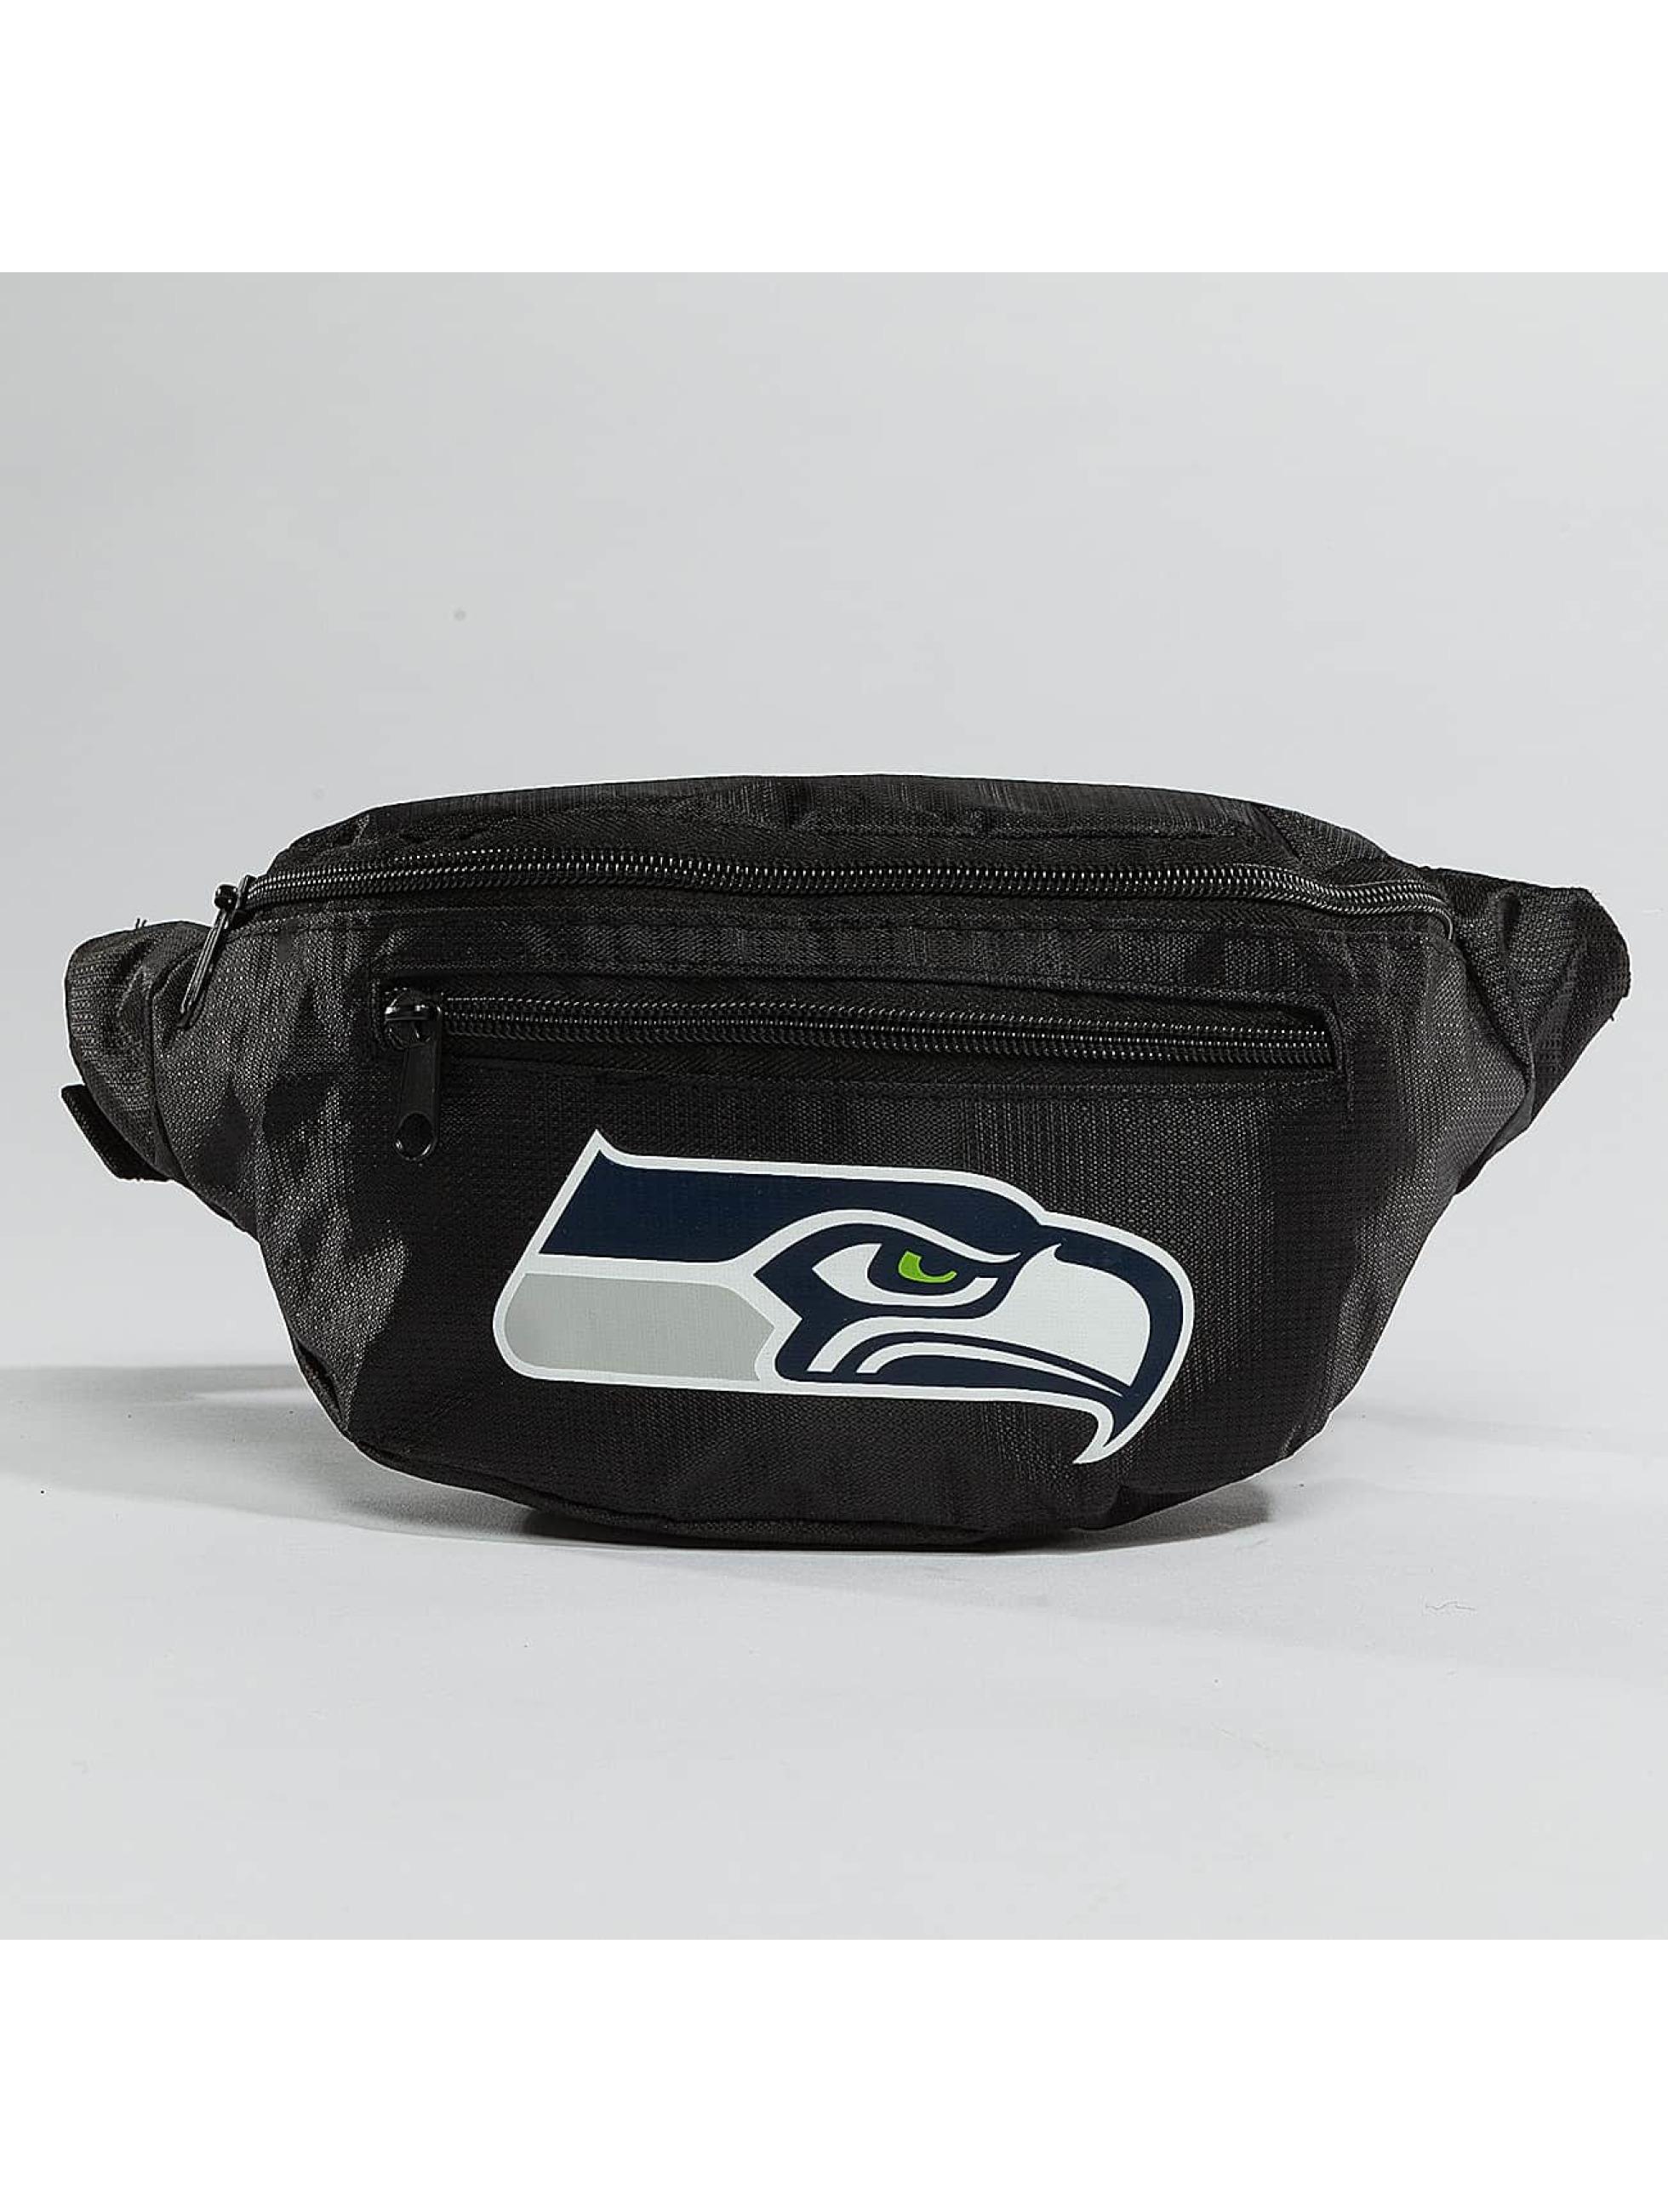 Forever Collectibles Männer,Frauen Tasche NFL Seattle Seahawks in schwarz